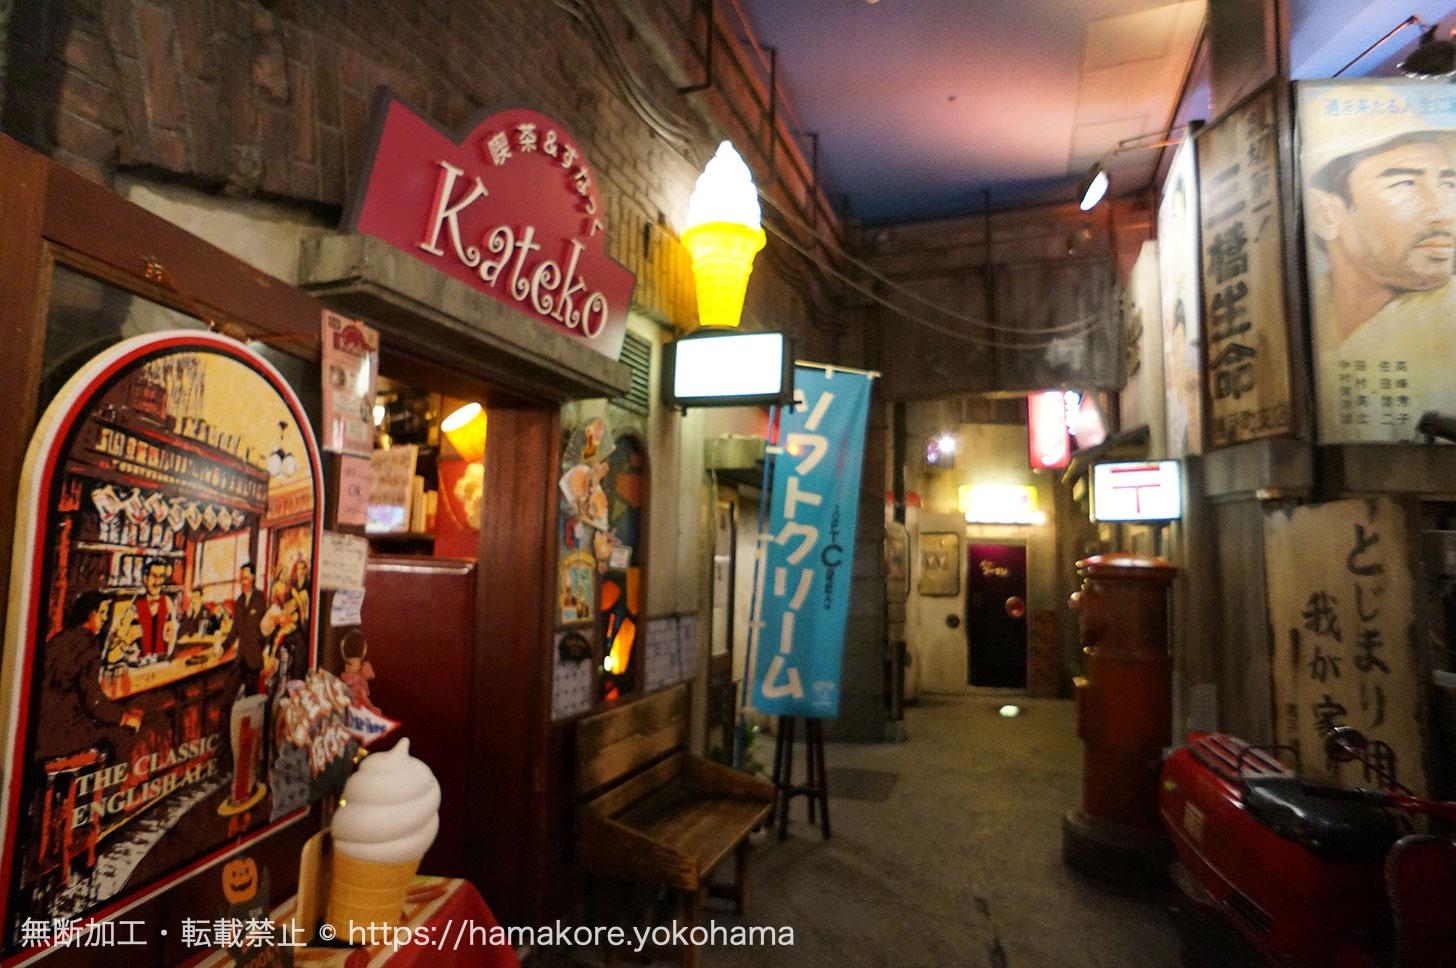 新横浜ラーメン博物館 昭和レトロな町並み